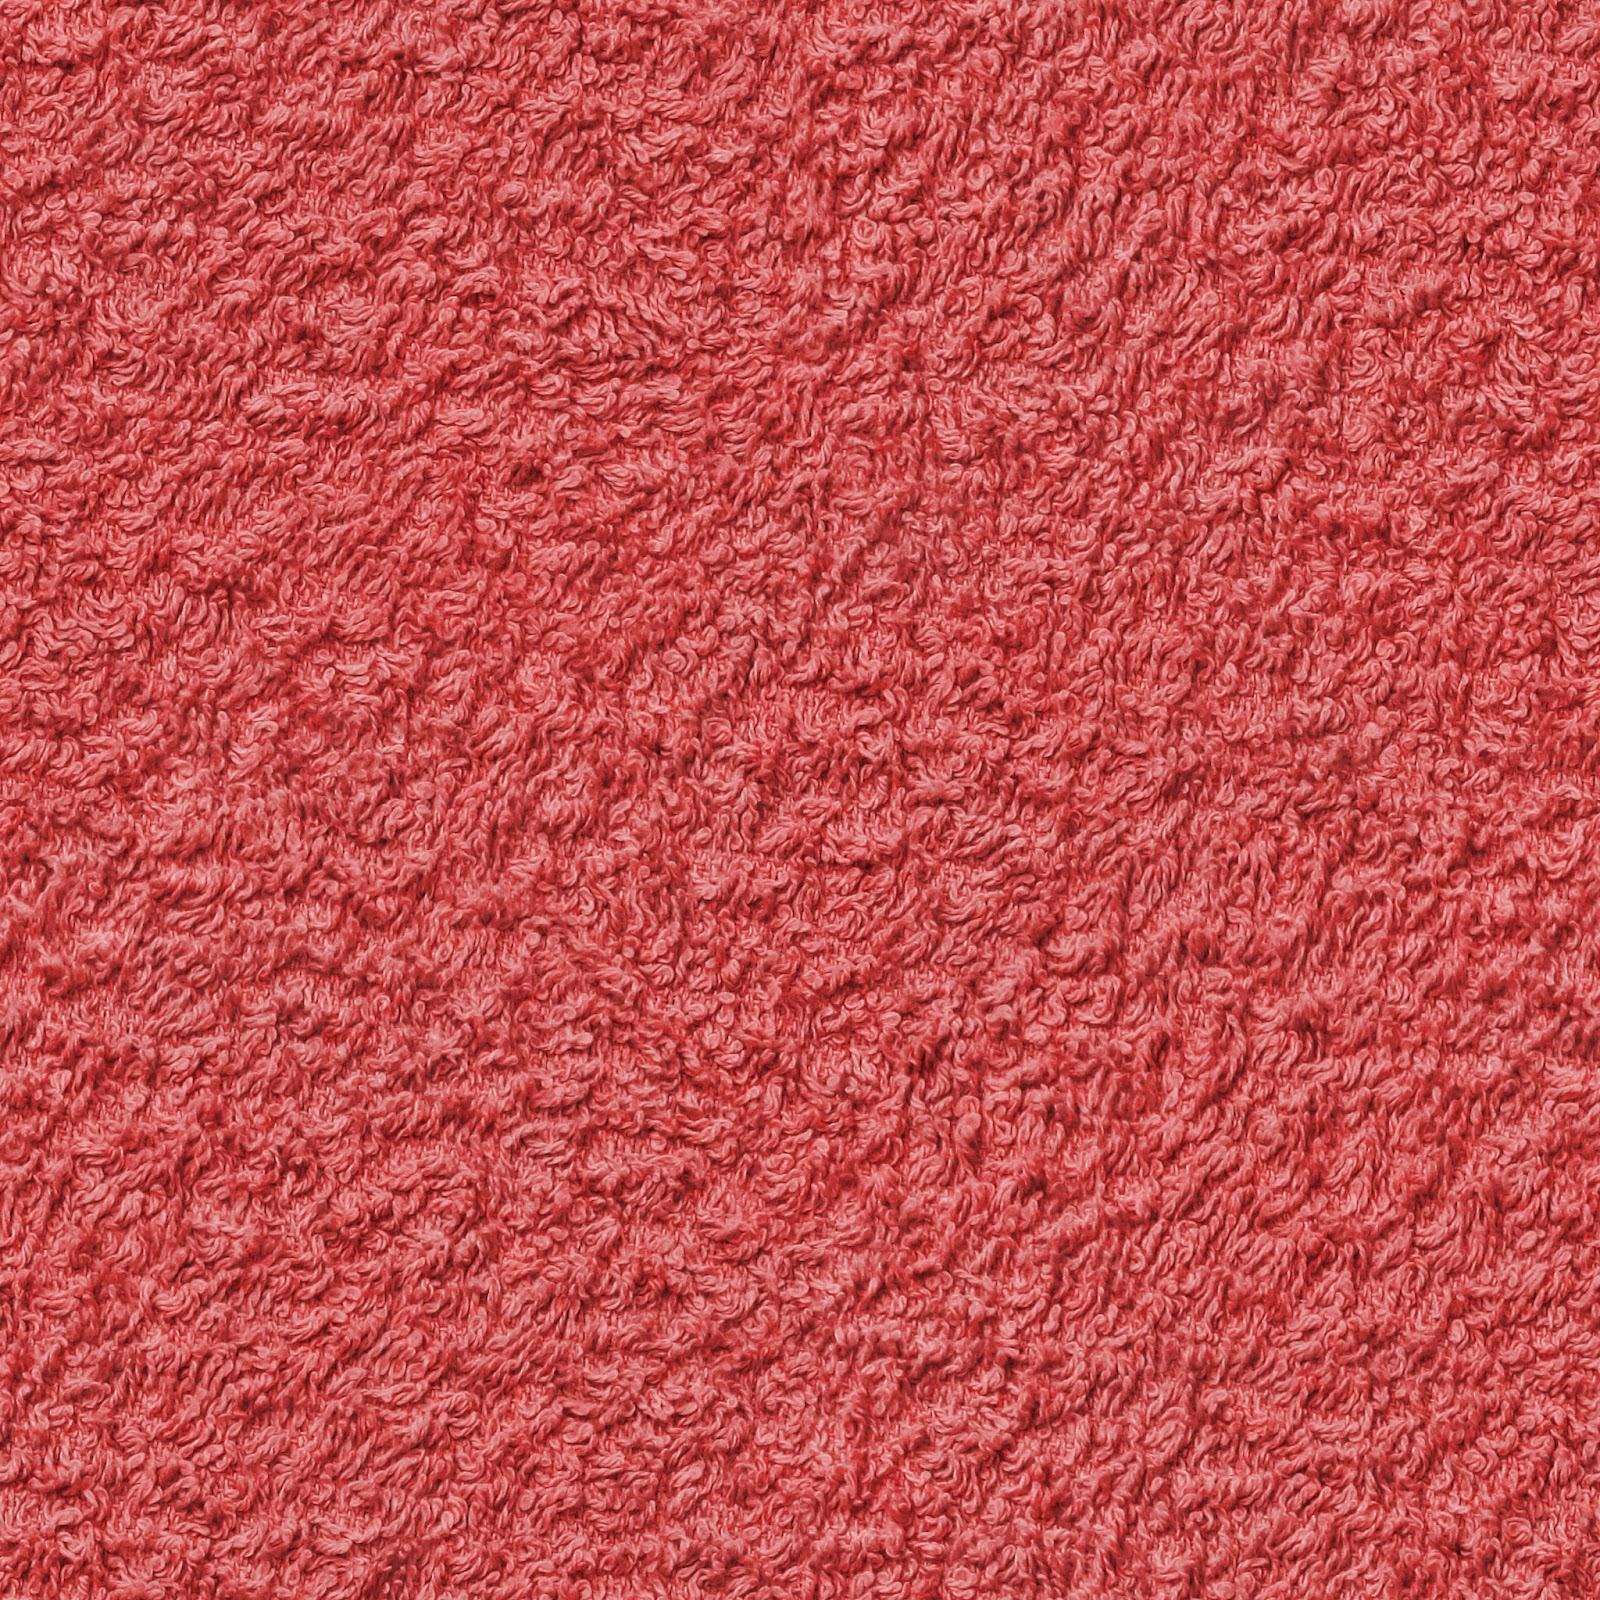 Cushion Texture Seamless